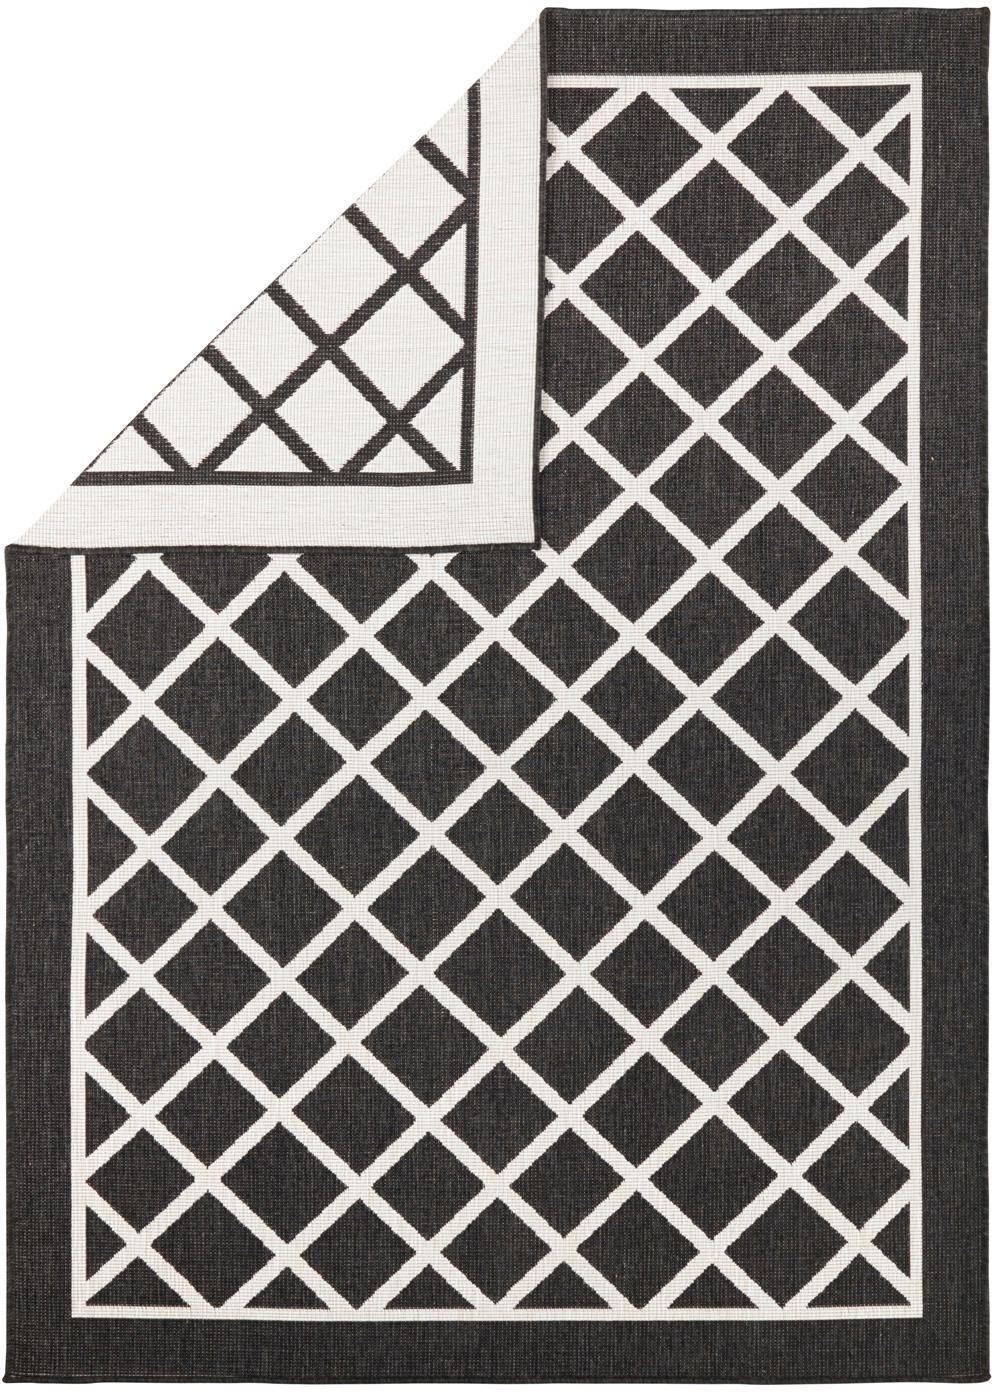 In- und Outdoor-Wendeteppich Sydney mit Rautenmuster in Schwarz/Creme, Schwarz, Creme, B 120 x L 170 cm (Größe S)